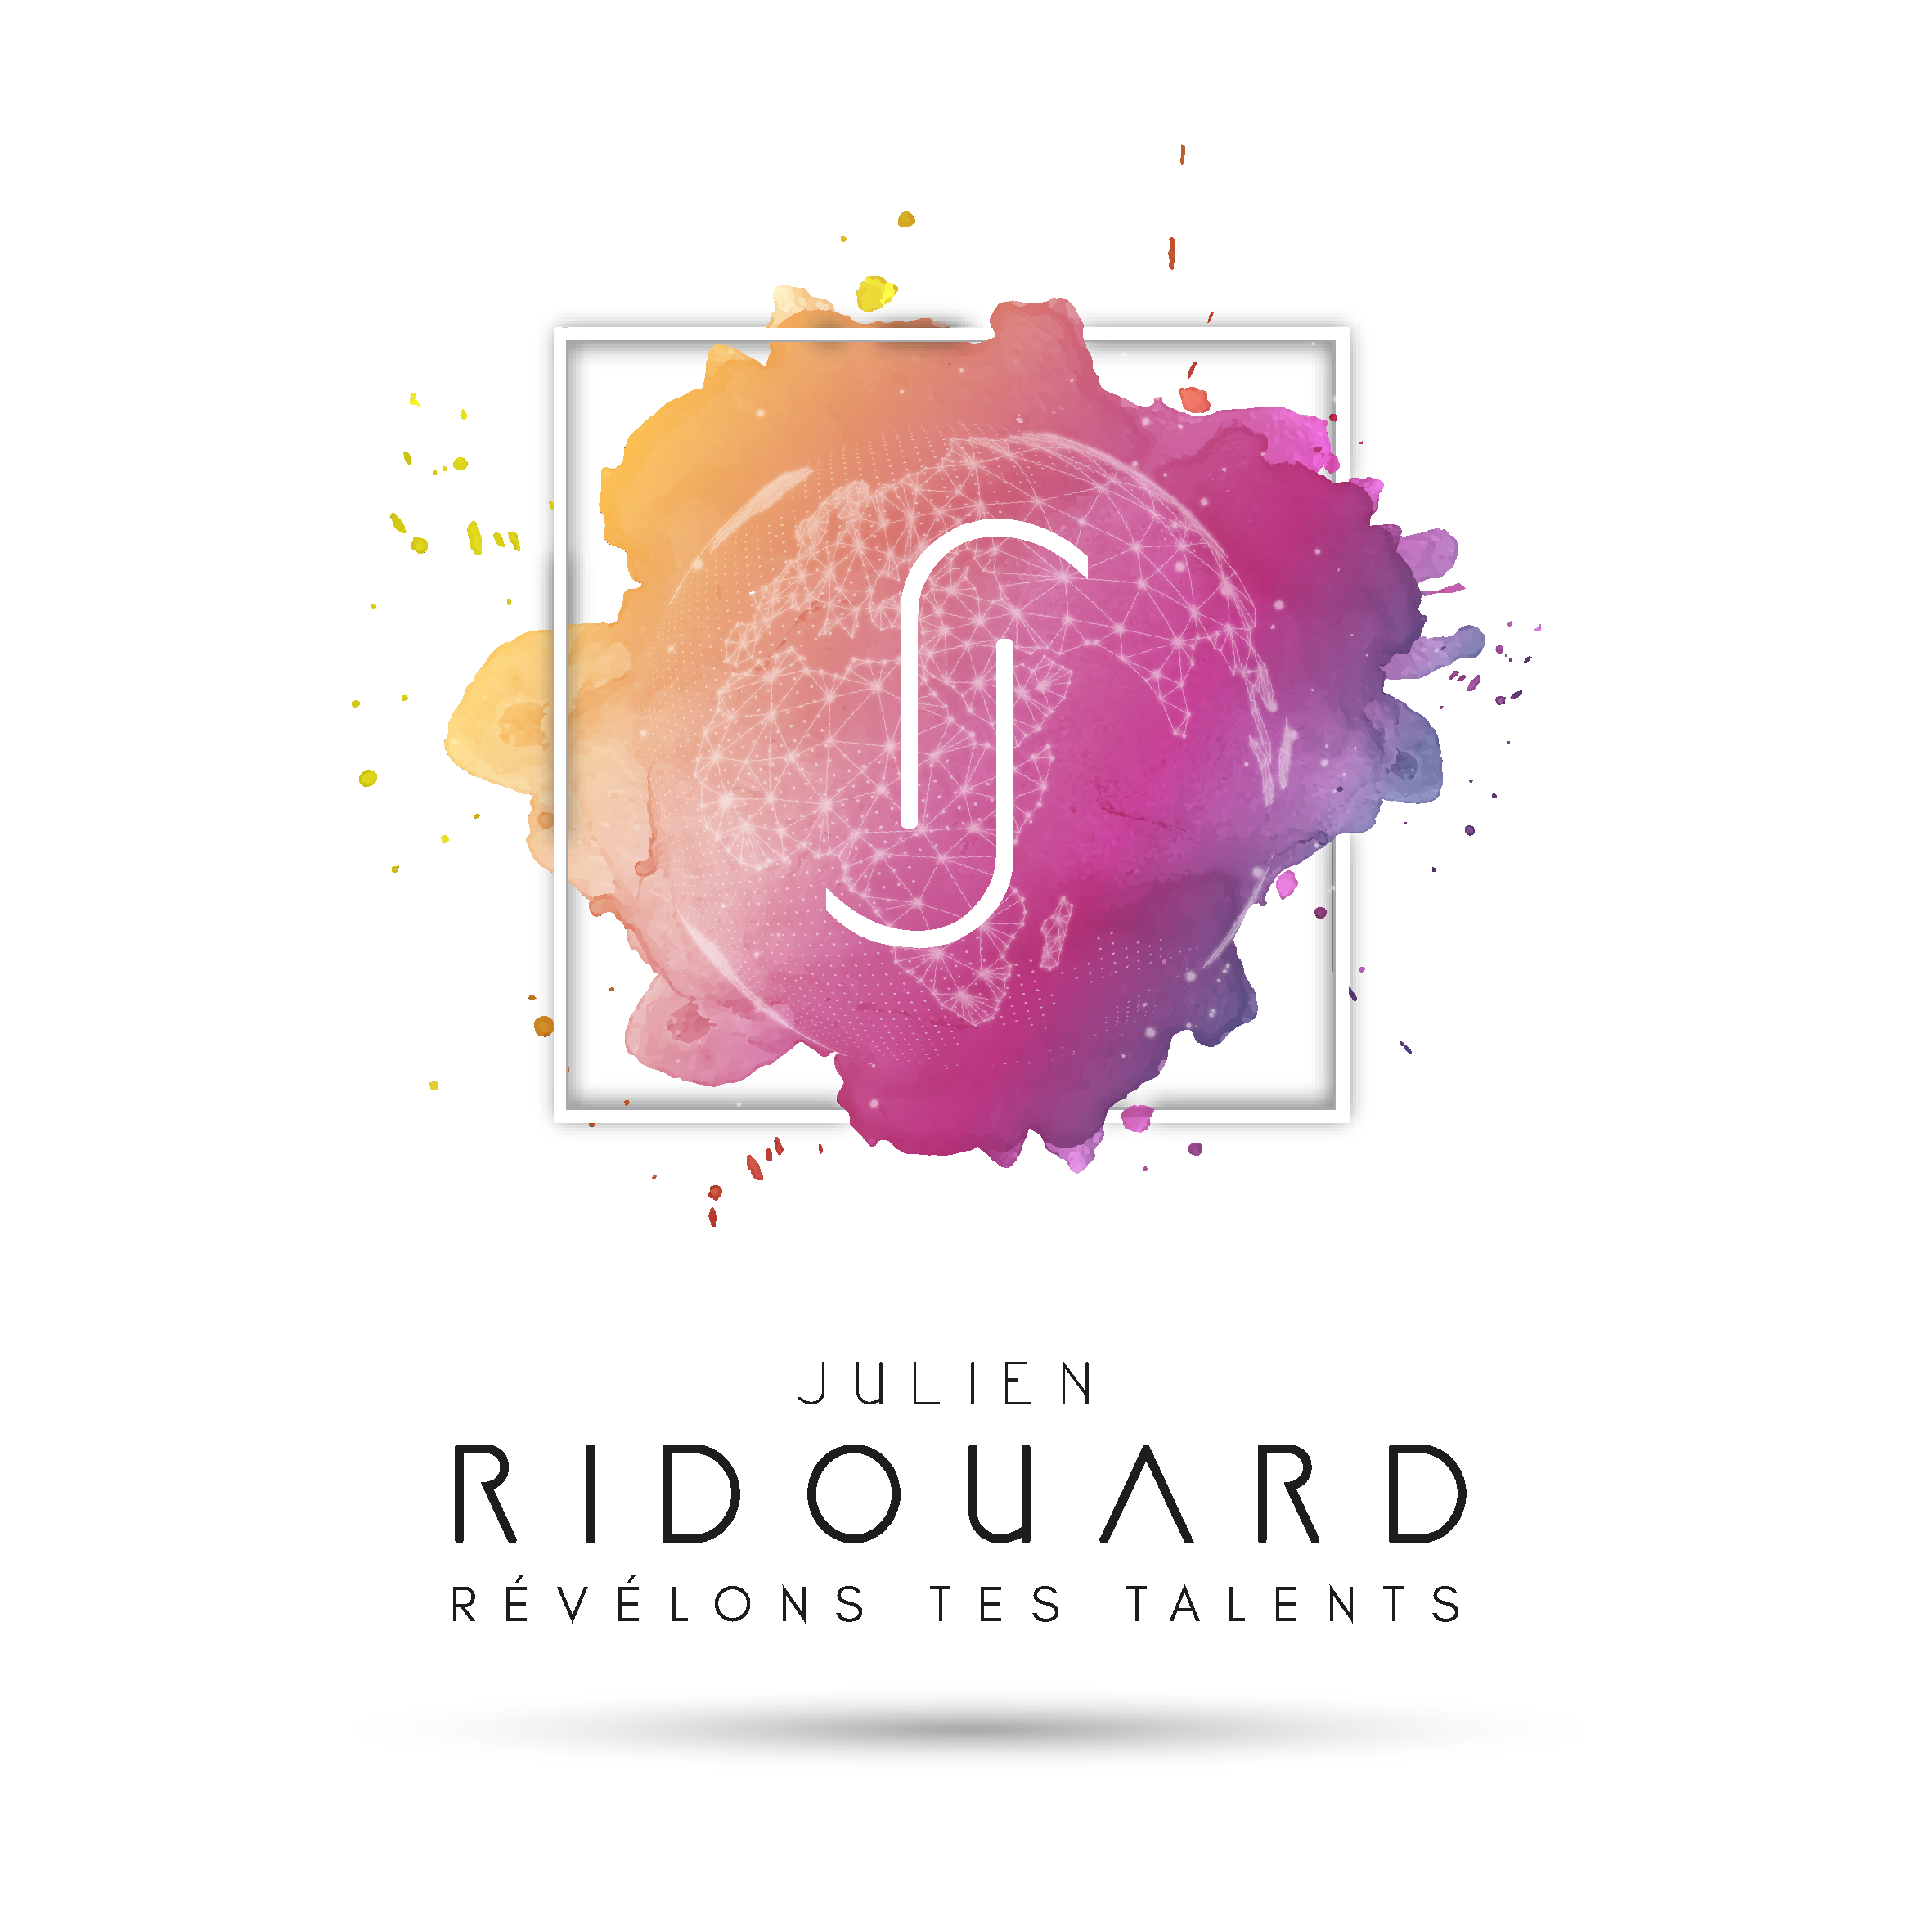 Julien Ridouard